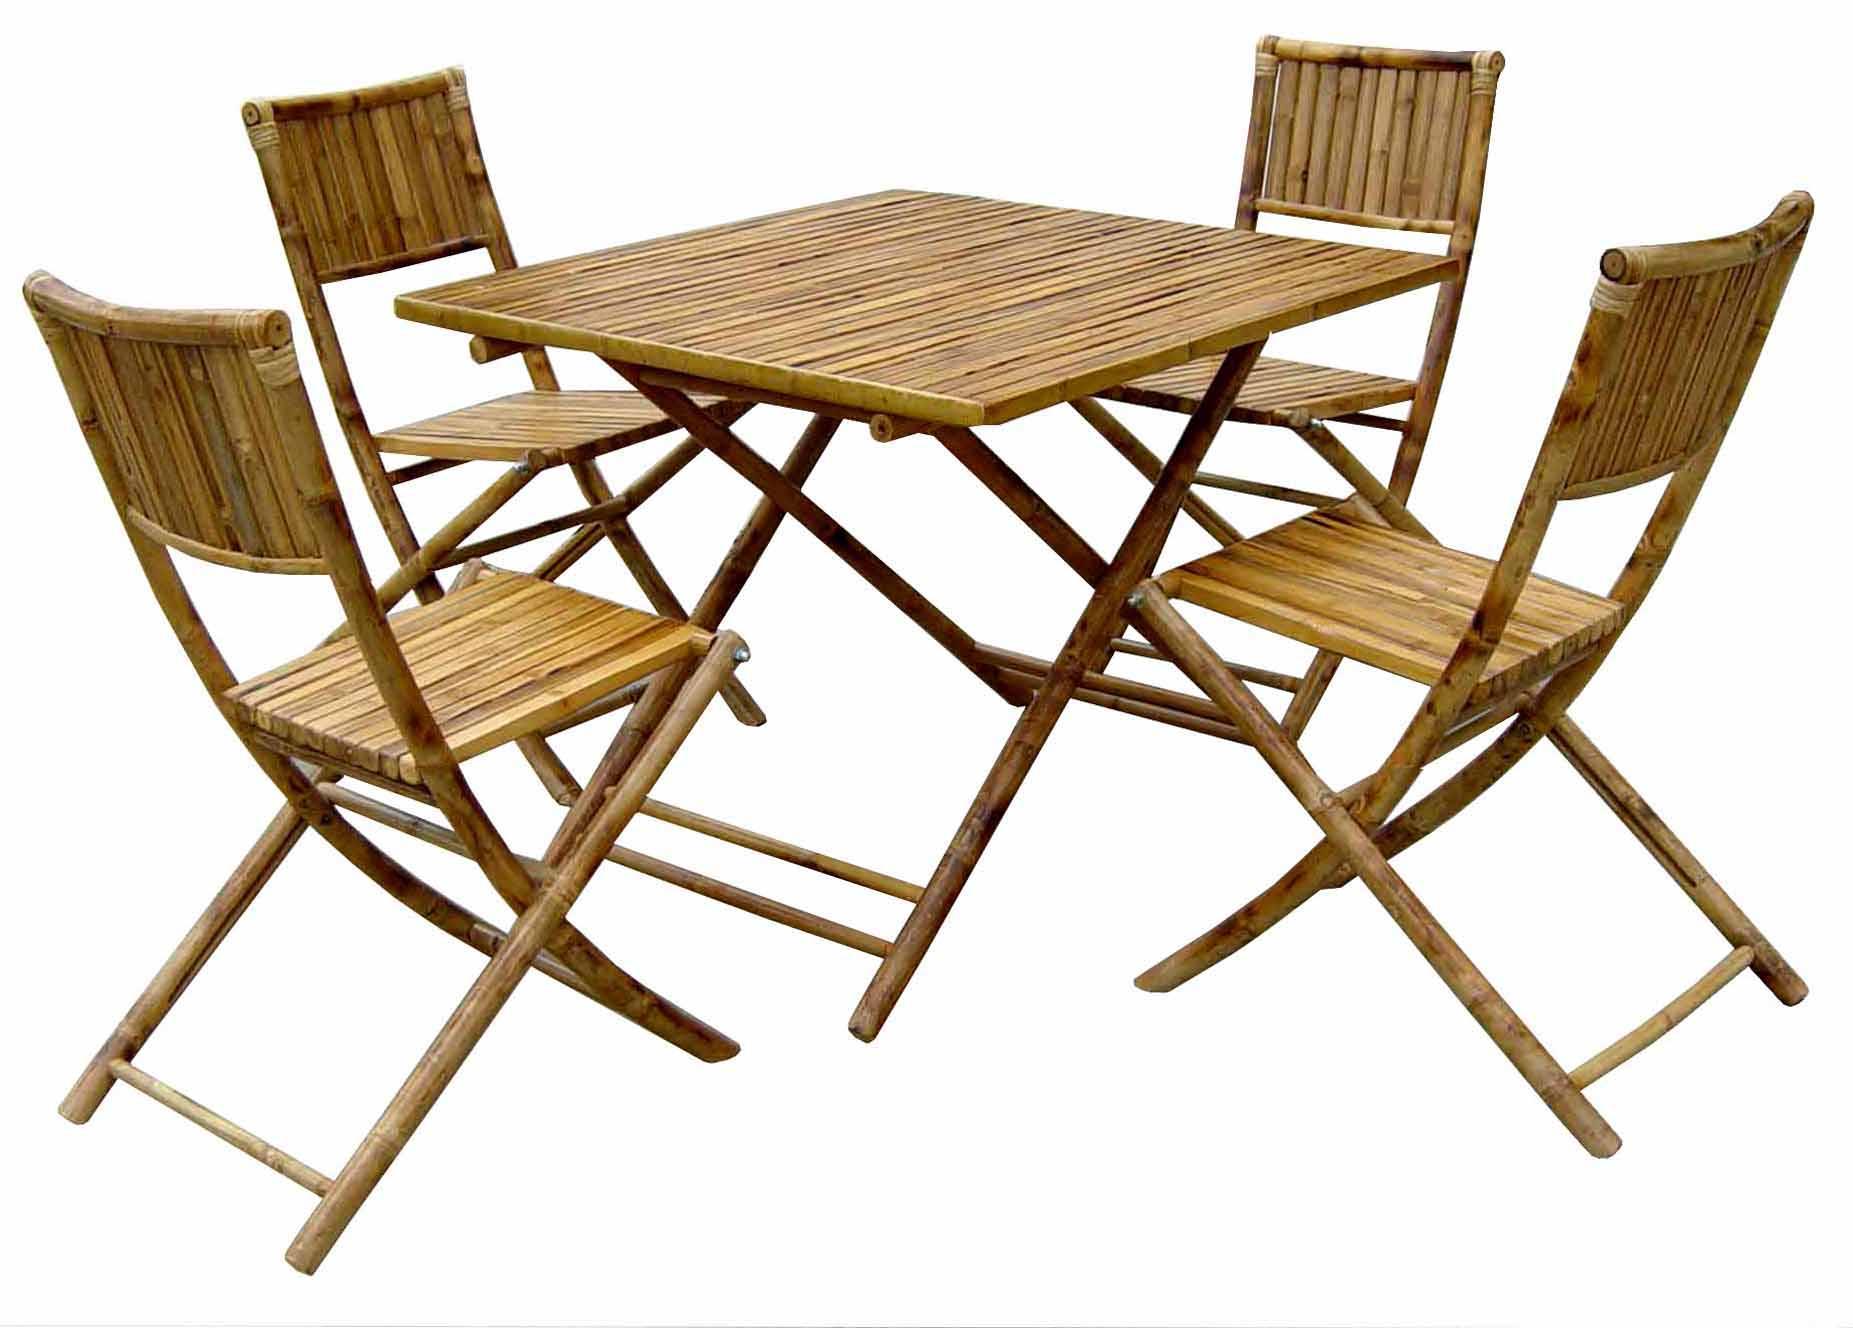 Bamboo Finish Garden Chair Bamboo Finish Garden Chair Suppliers